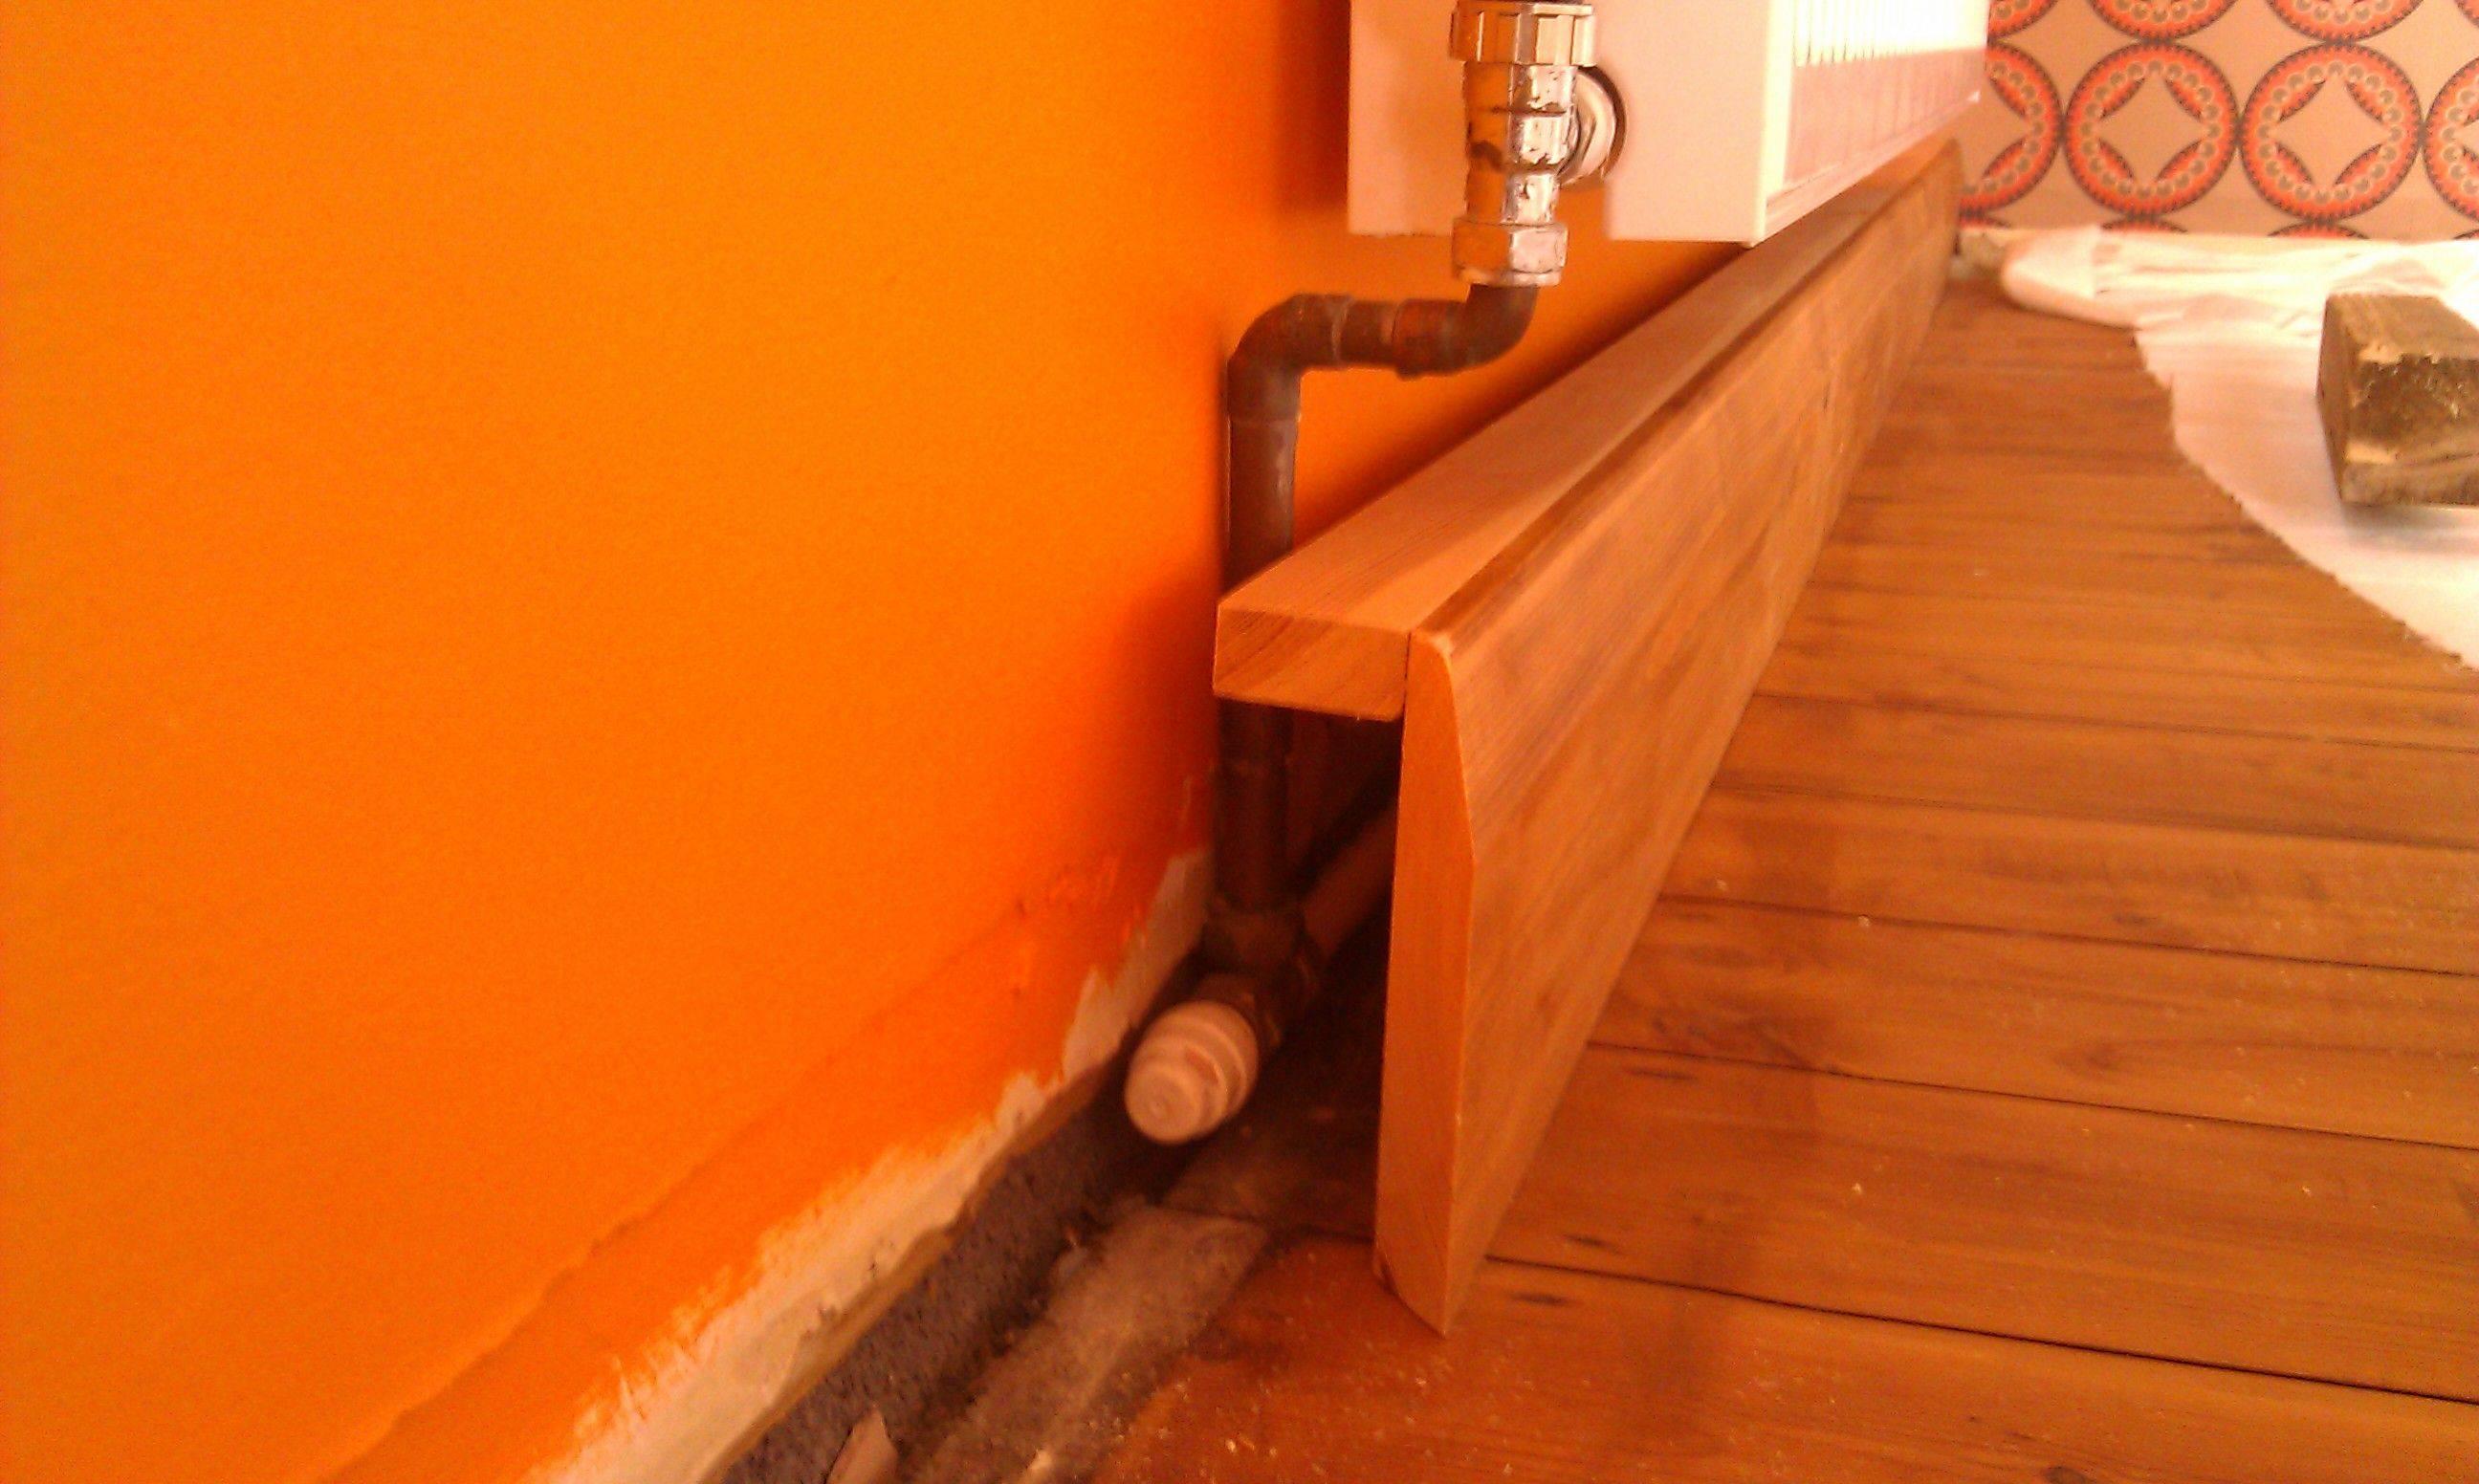 Короб для труб отопления (51 фото): как спрятать радиаторы в частном доме, какие бывают декоративные накладки, как задекорировать батареи в комнате